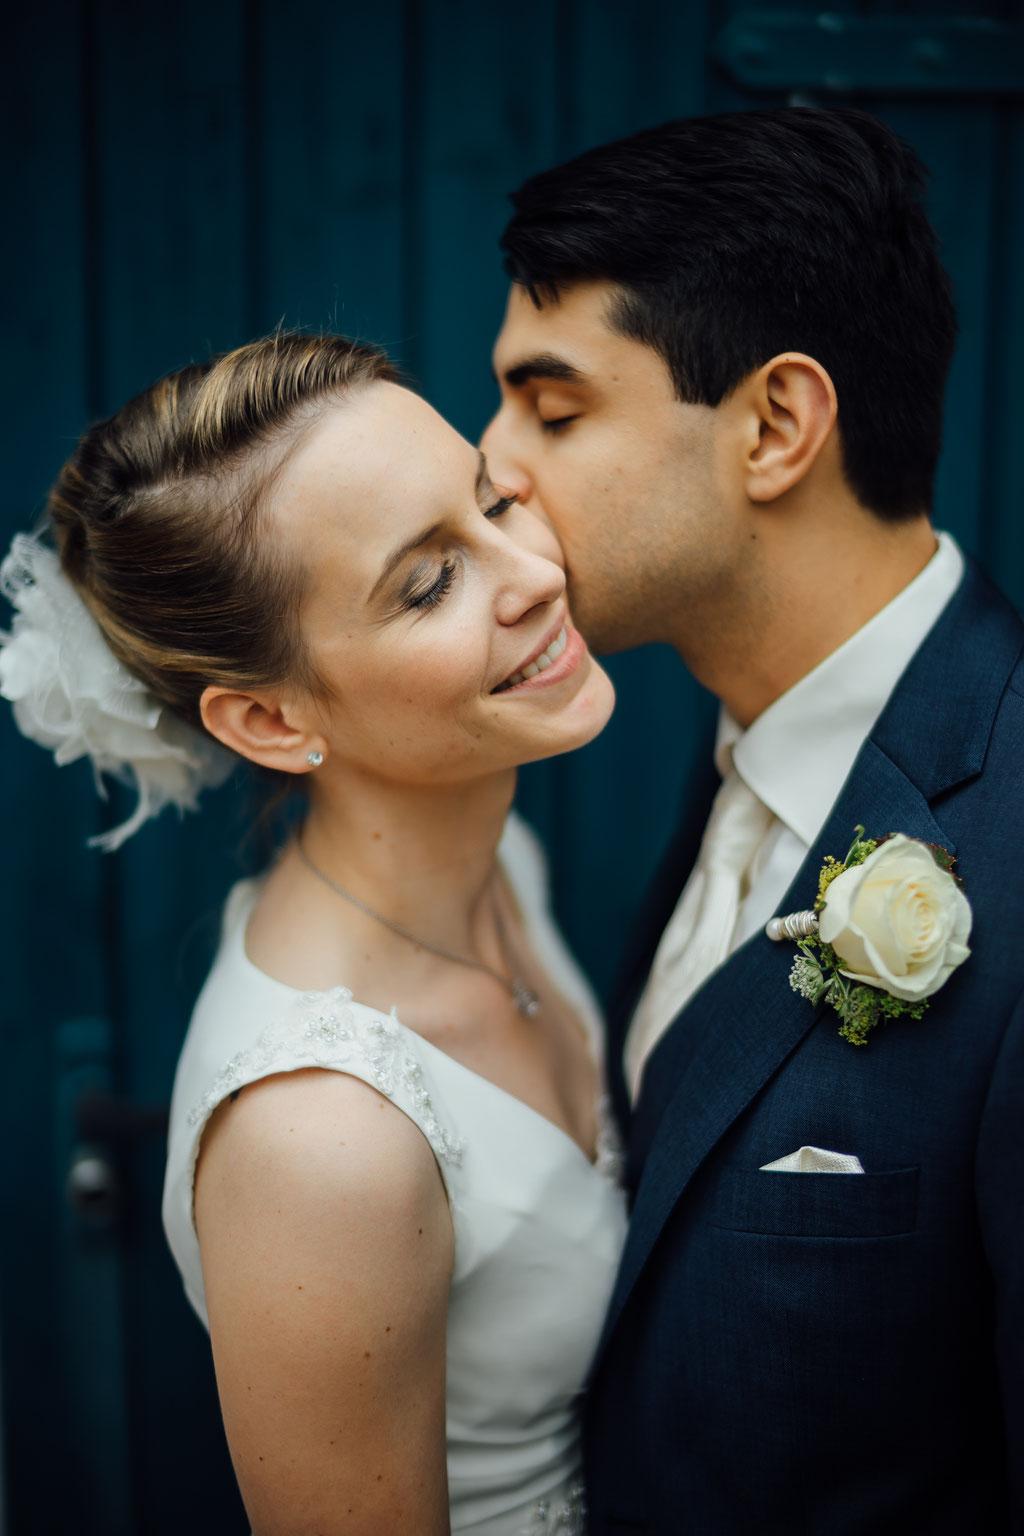 Hochzeitsfotografie Frankfurt am Main ffm Timo Barwitzki Paar Kuss Outdoor Hochzeit Wange Glück glücklich